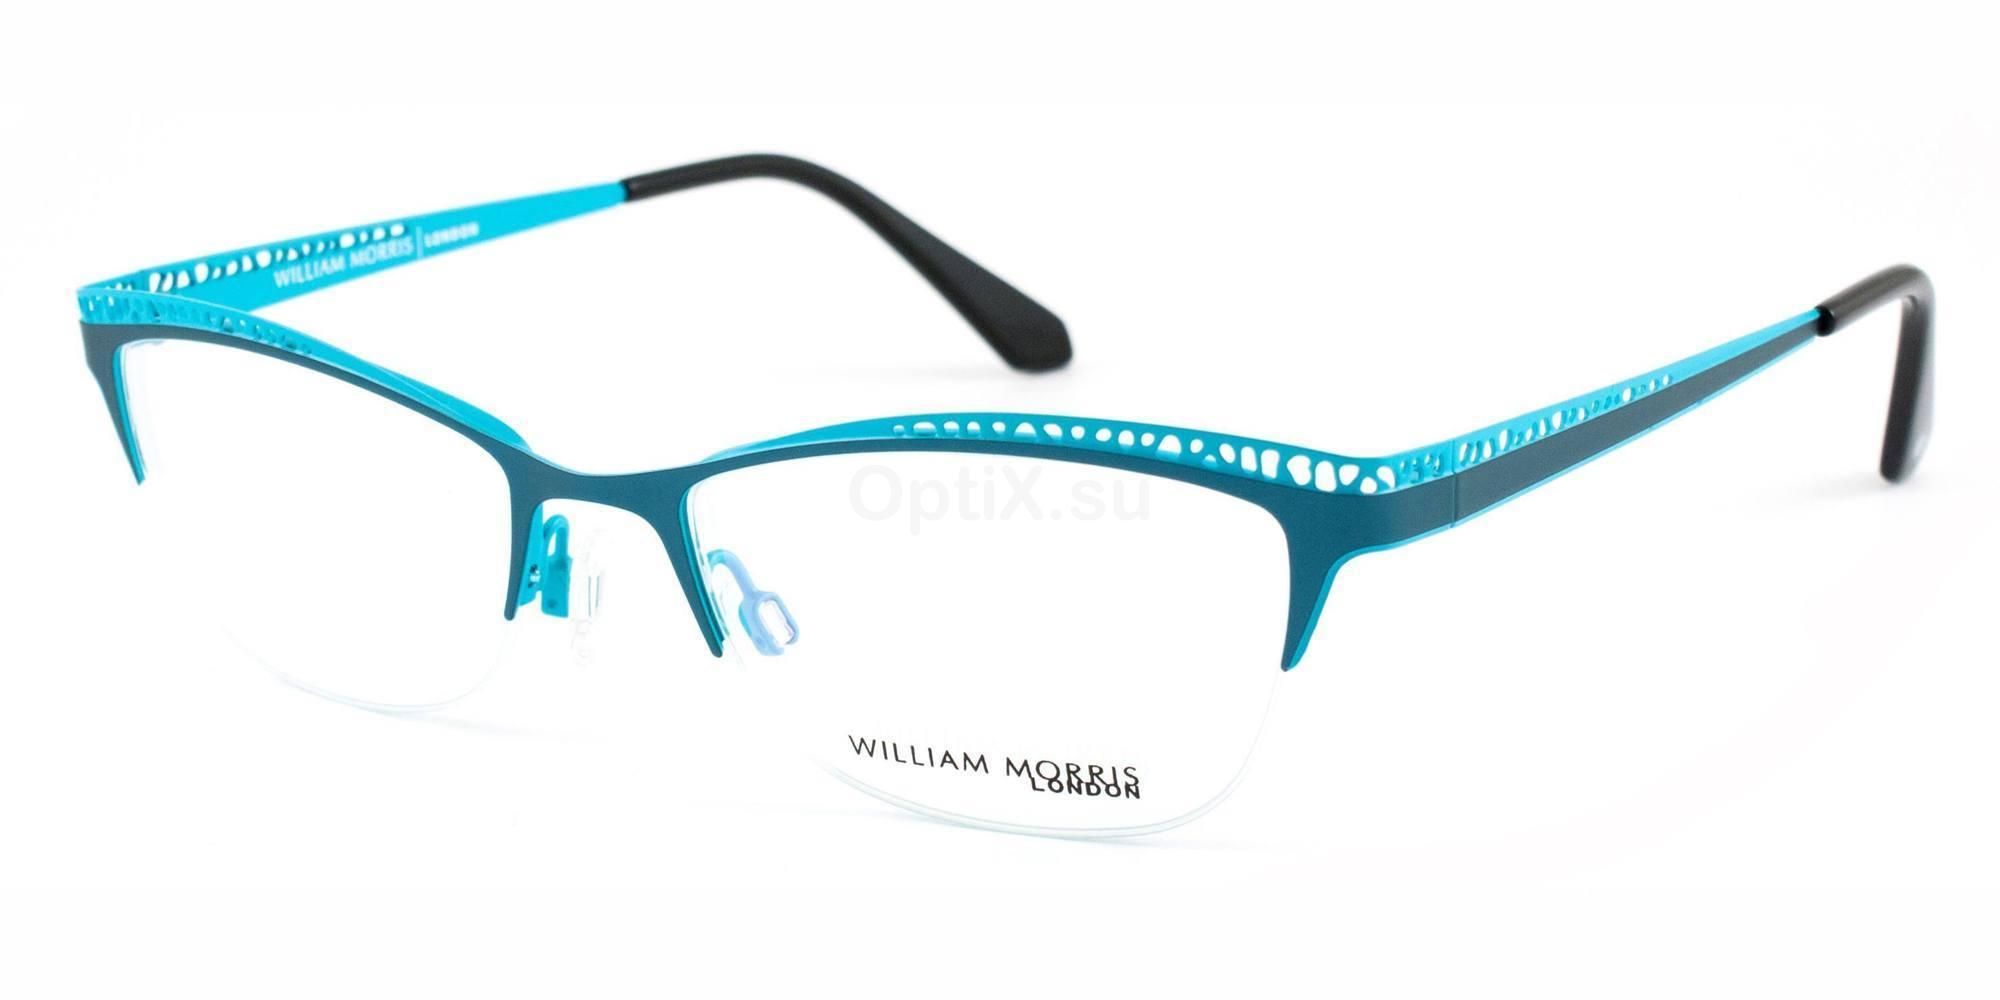 C1 WL4137 , William Morris London